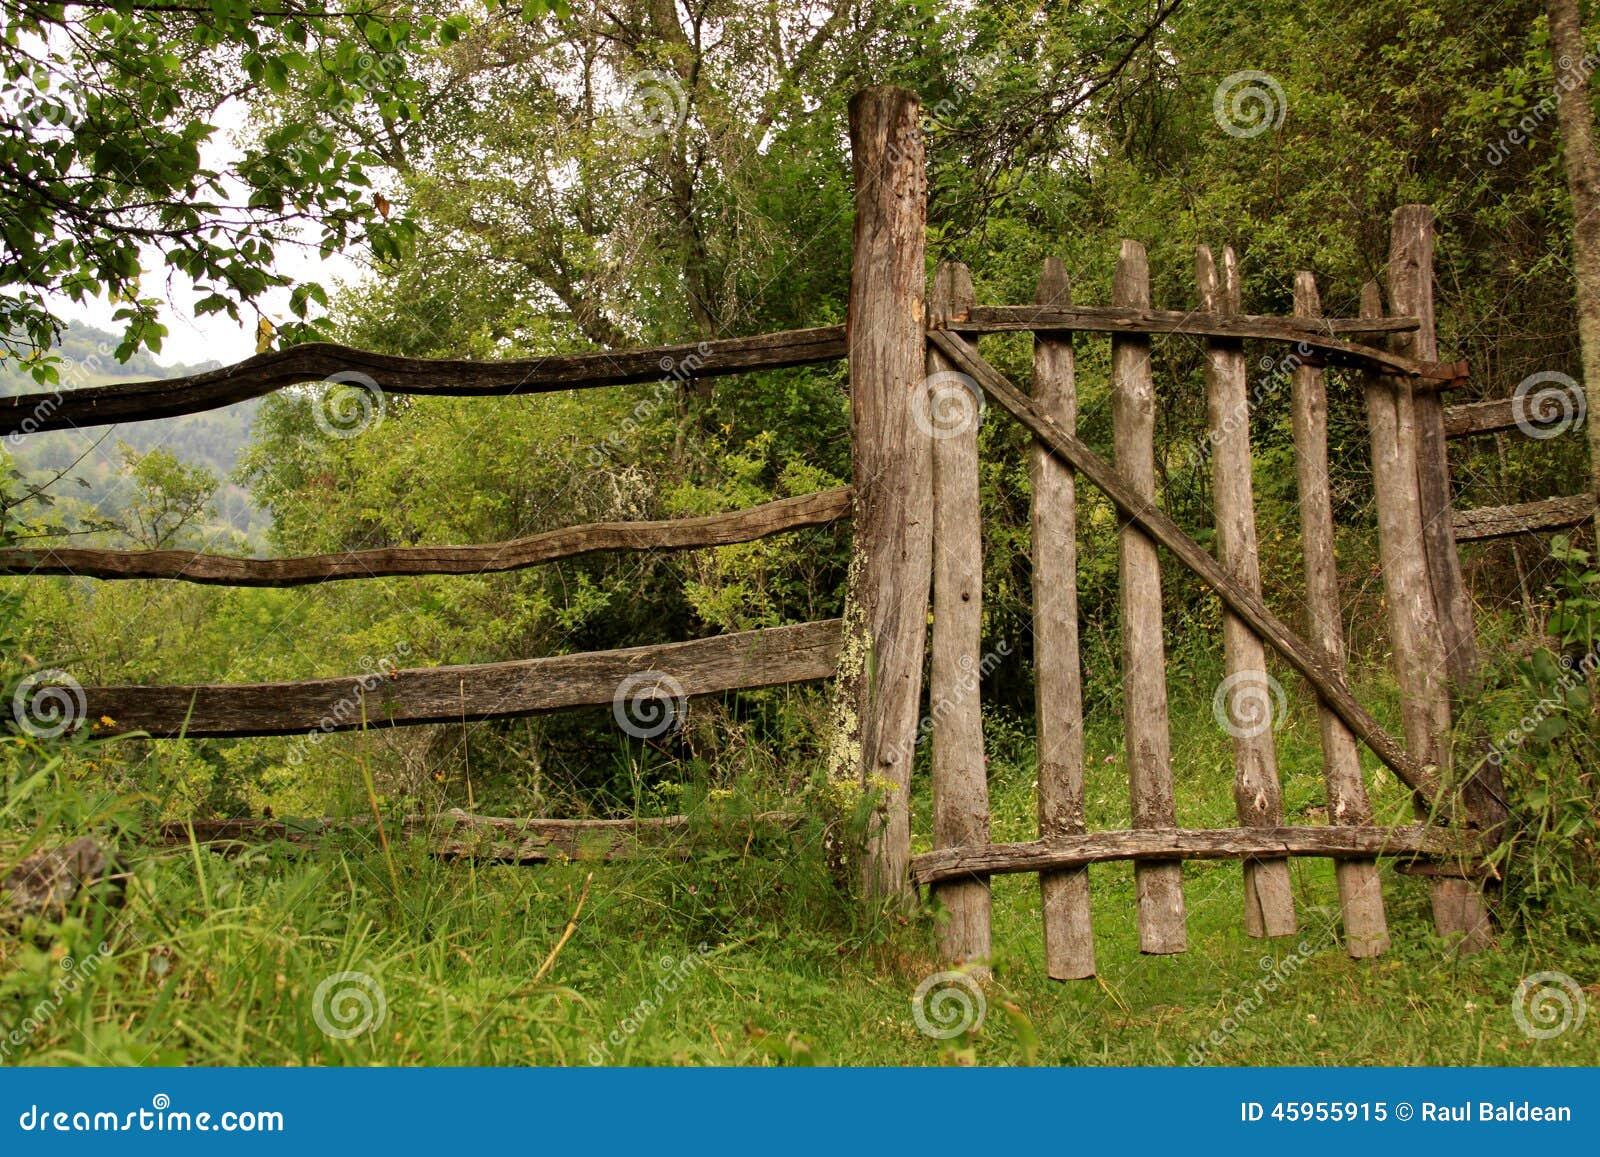 Zaun in der Landschaft